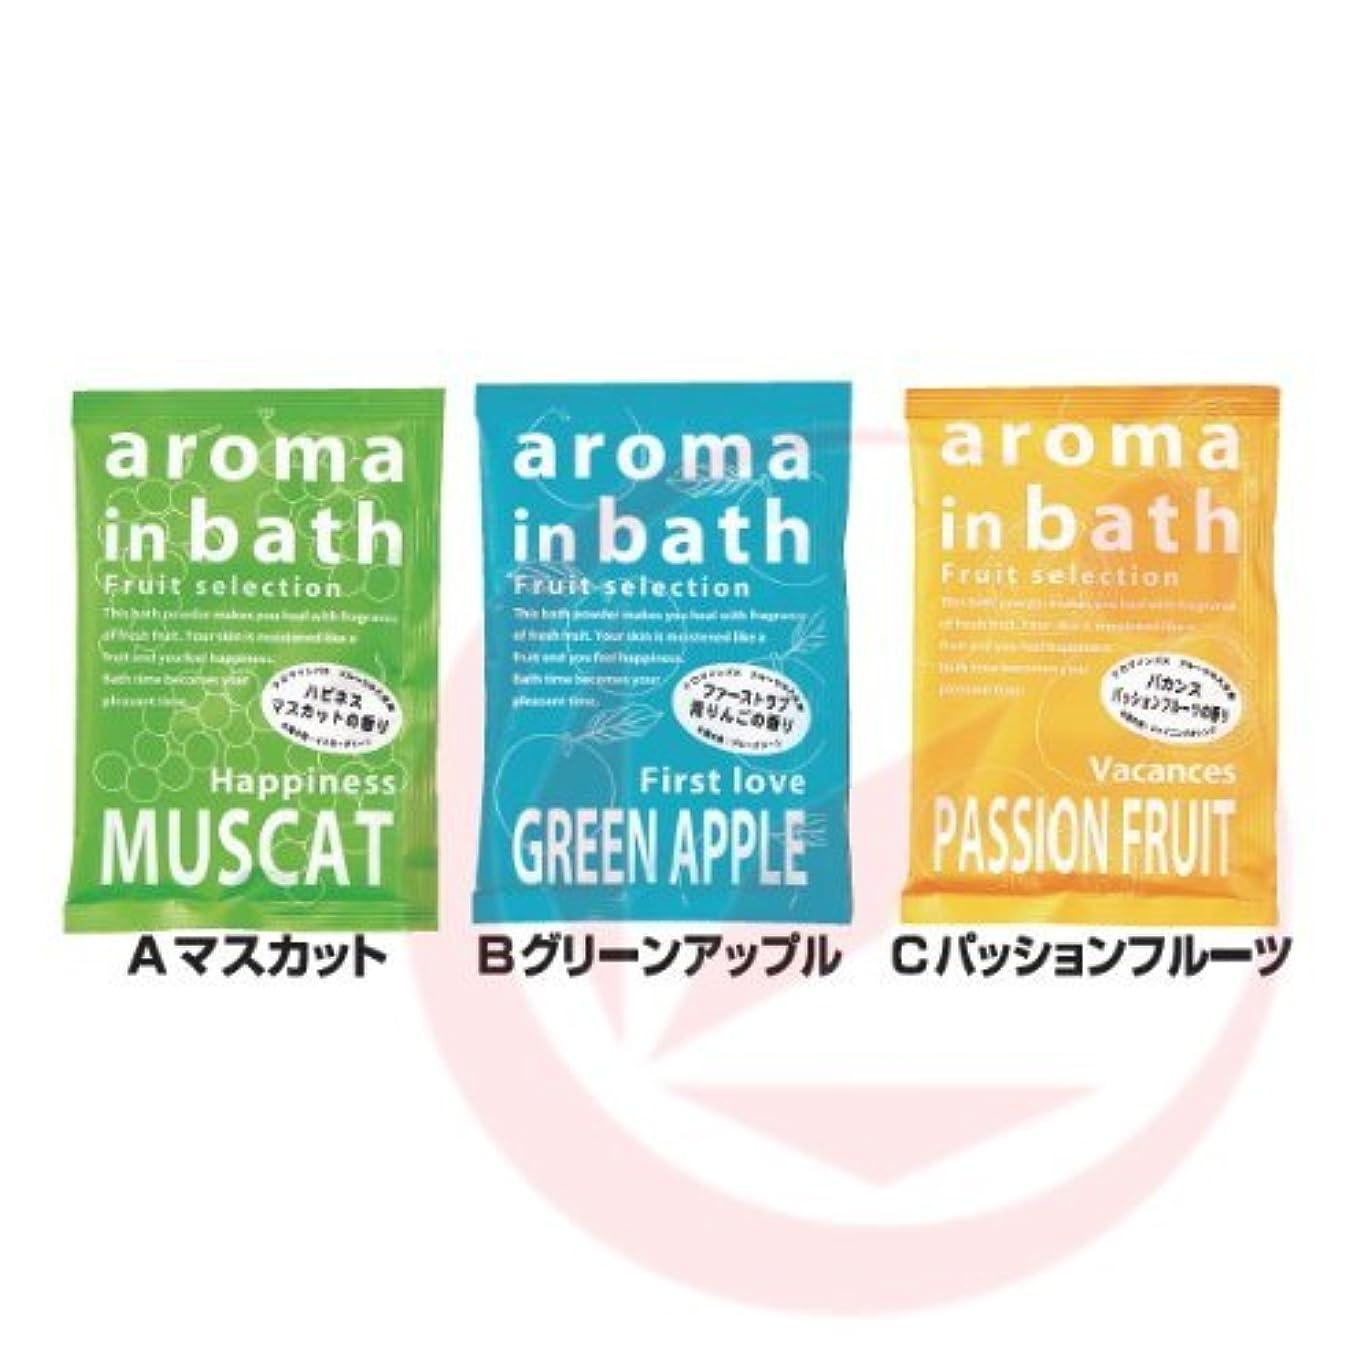 ジャムやりがいのあるコロニー粉体入浴剤アロマインバス25g 48袋入り(3種類 各16袋)